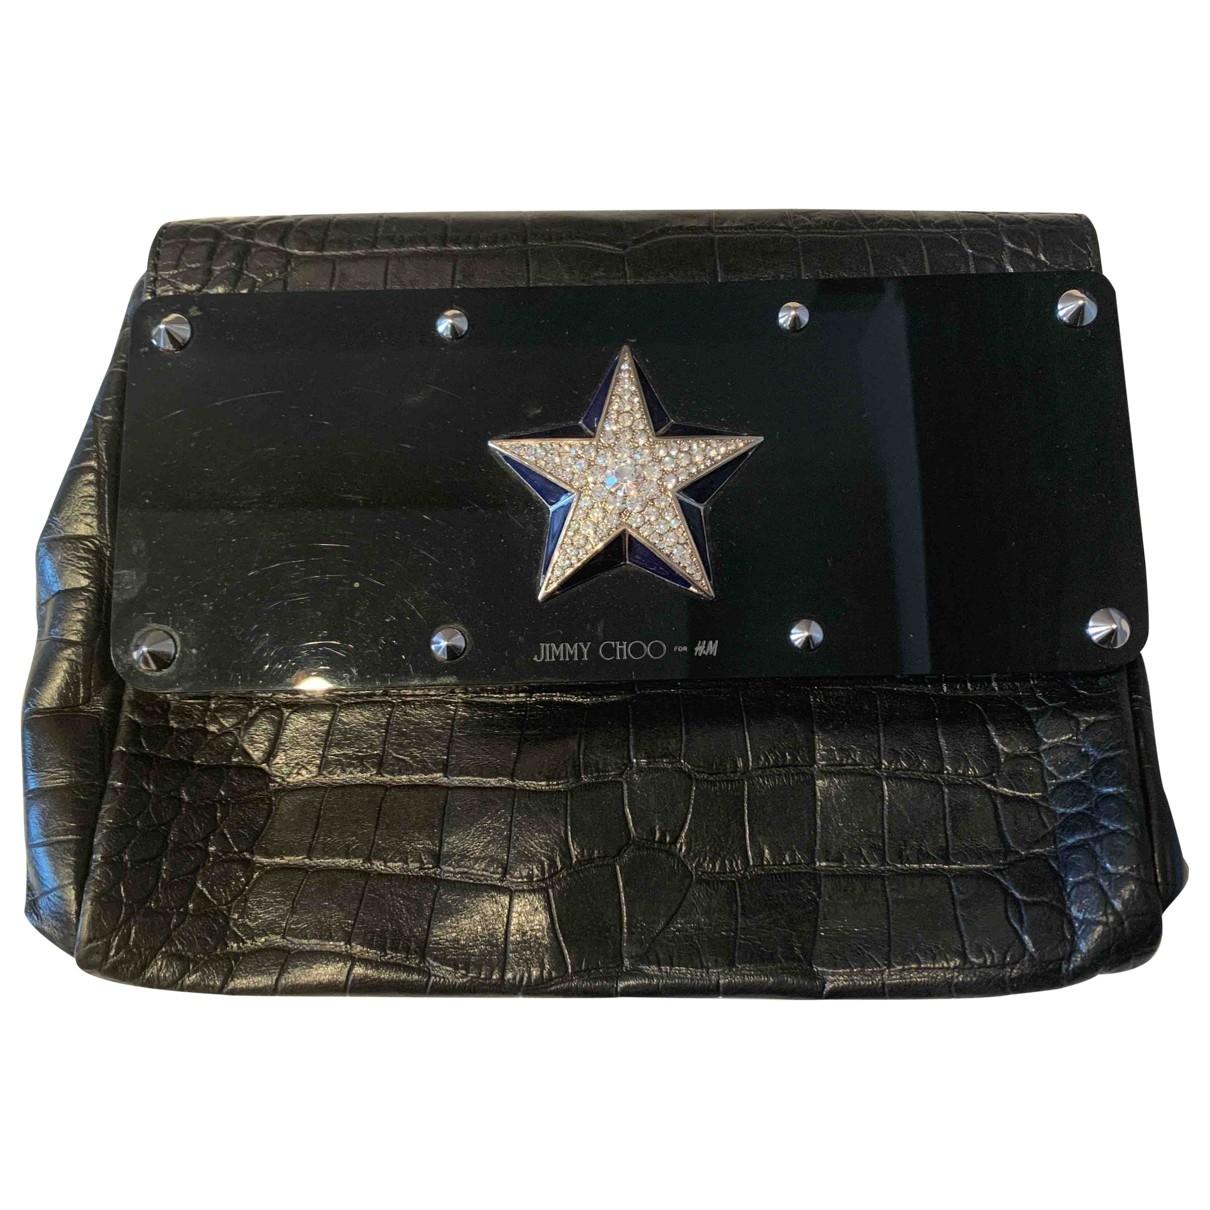 Jimmy Choo For H&m \N Black Clutch bag for Women \N